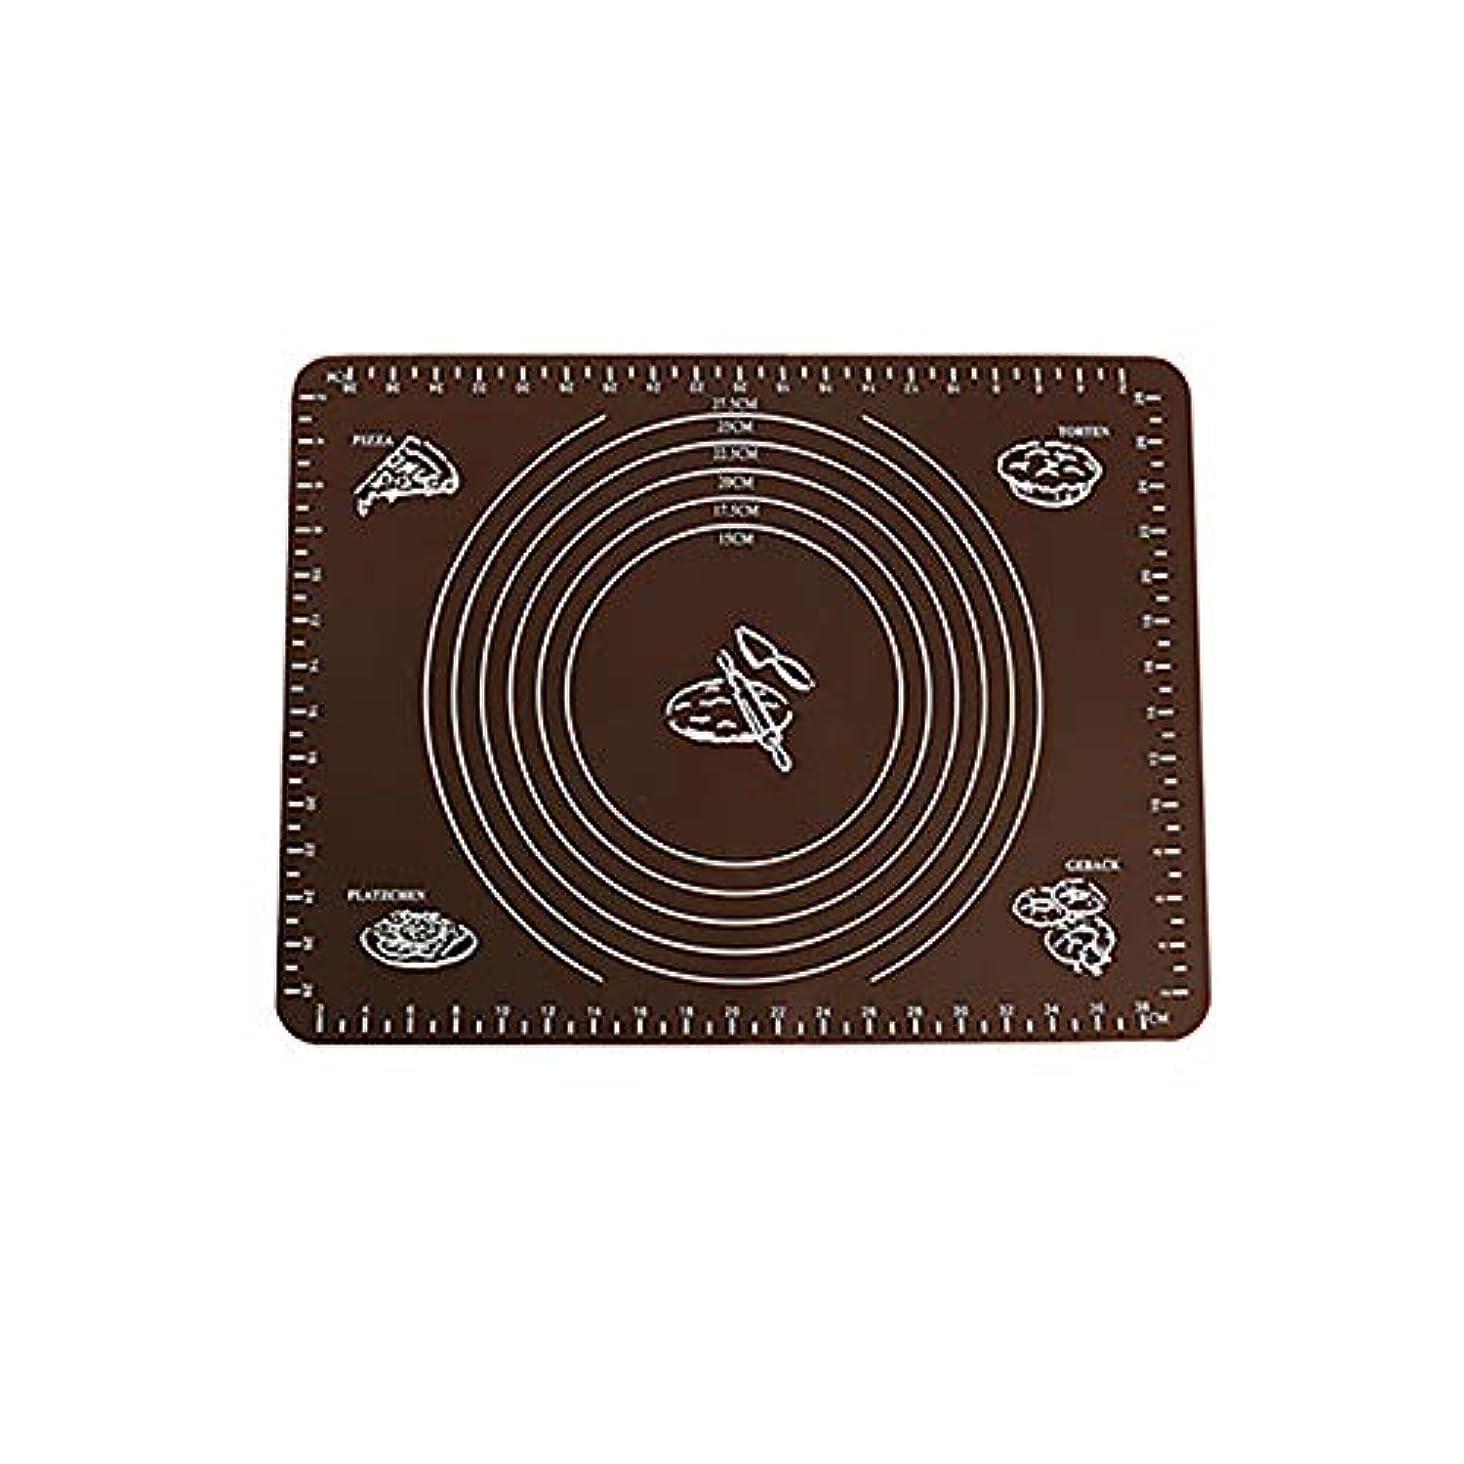 ボリュームツイン組Refaxi シリコーン生地ローリング混練パッド高温ケーキペストリーベーキングパッド(コーヒー)